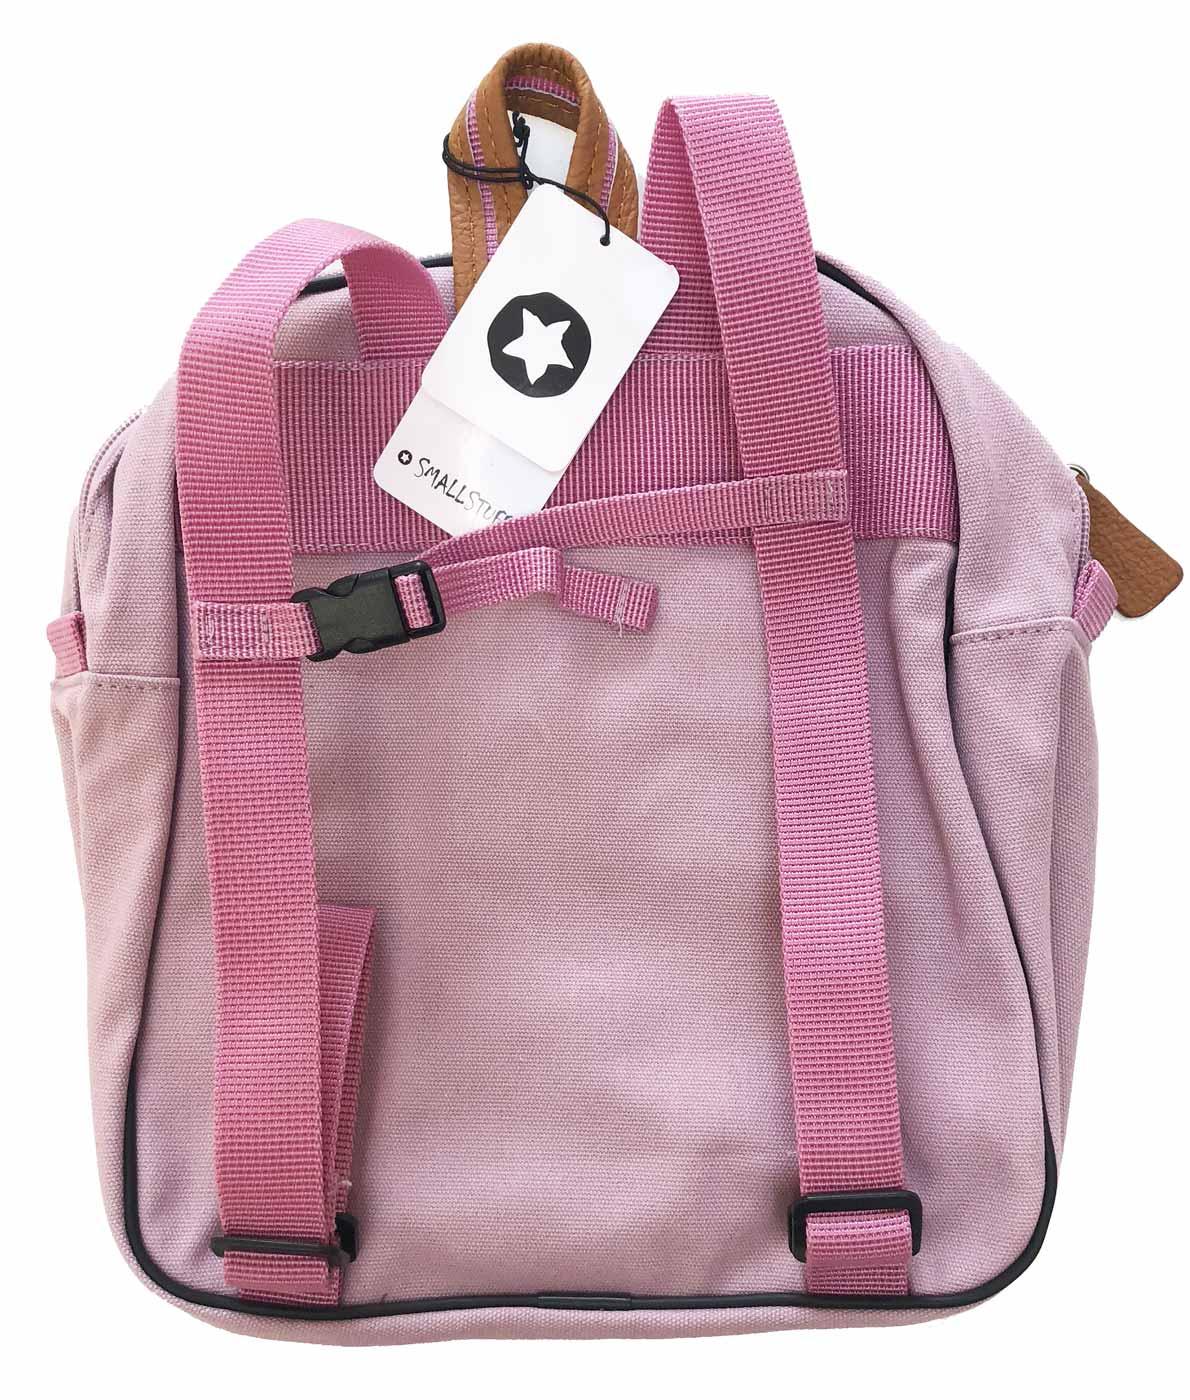 Smallstuff børnehave- og turtaske - lyserød bagside